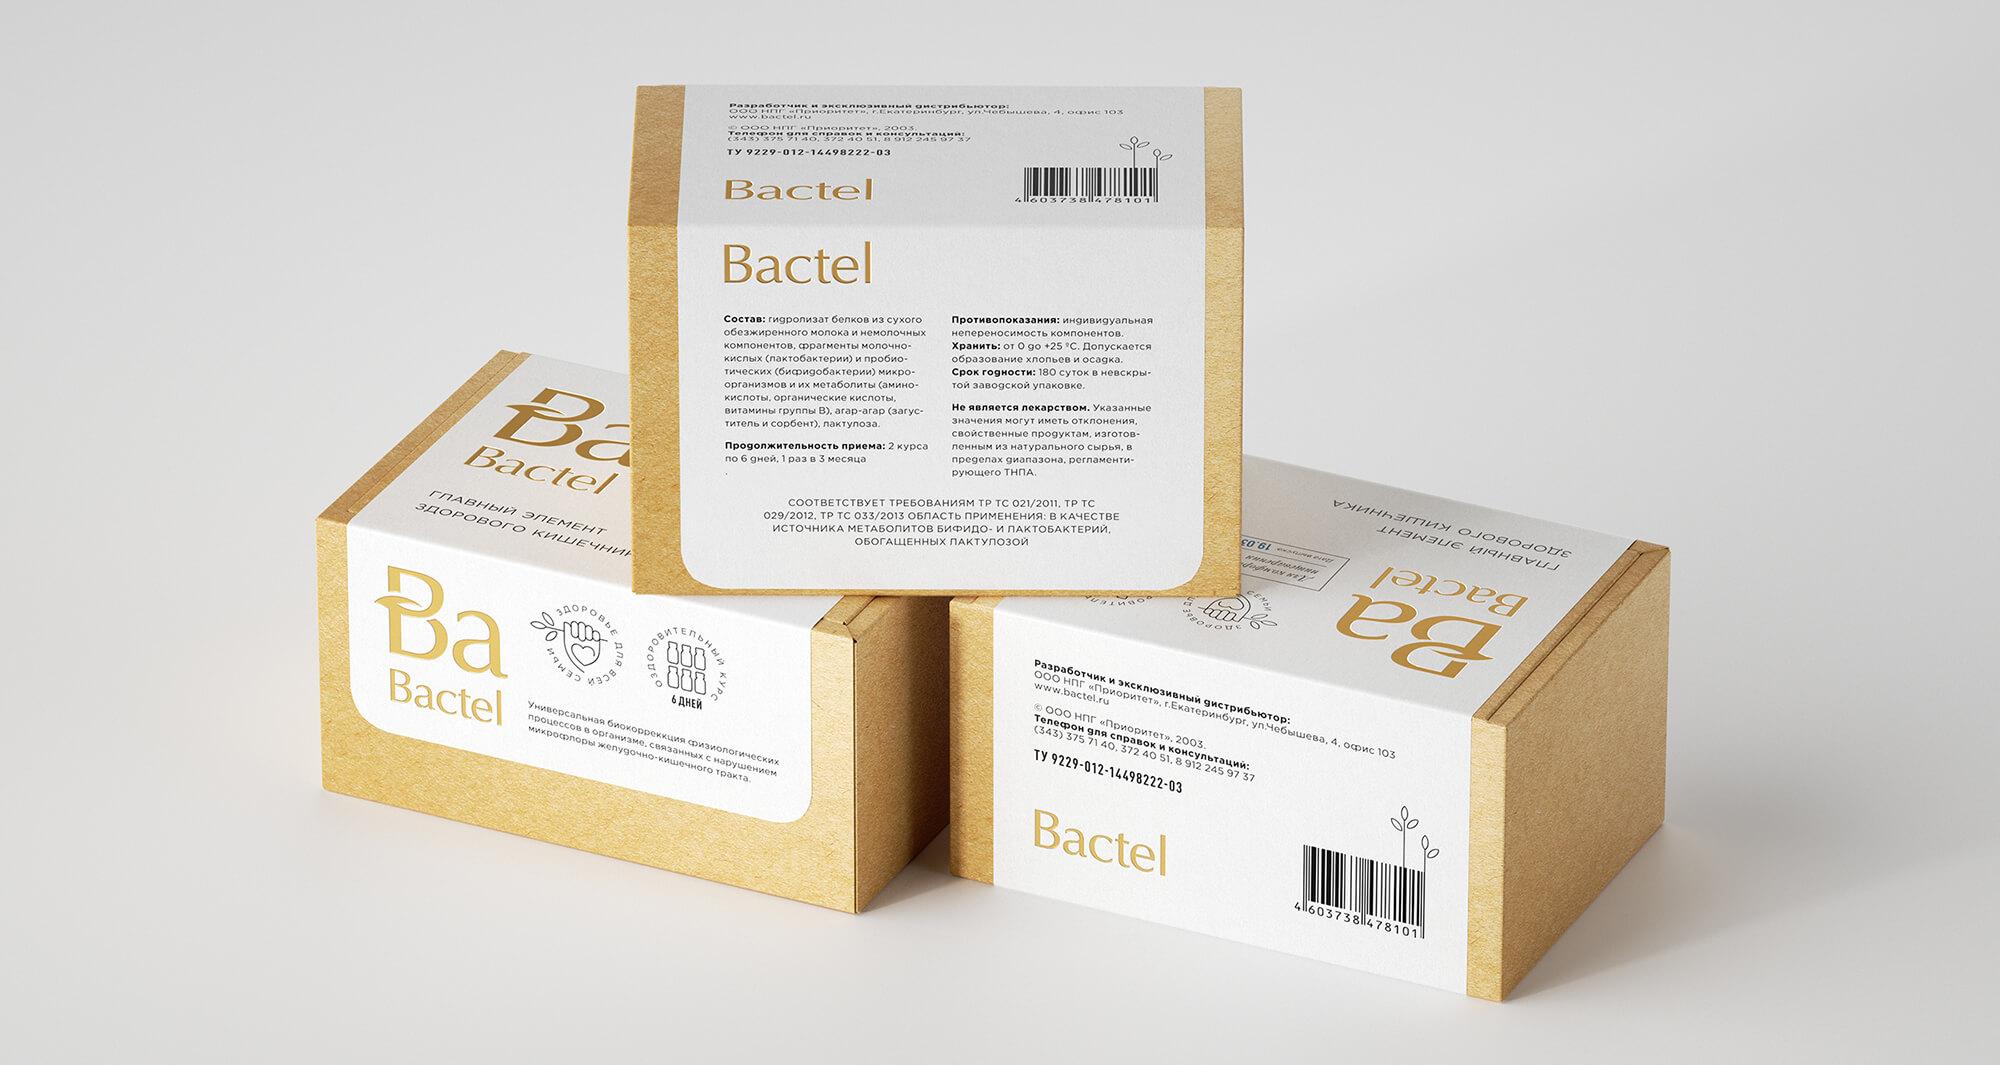 Дизайн упаковки и этикетки препарата пищевых добавок Bactel